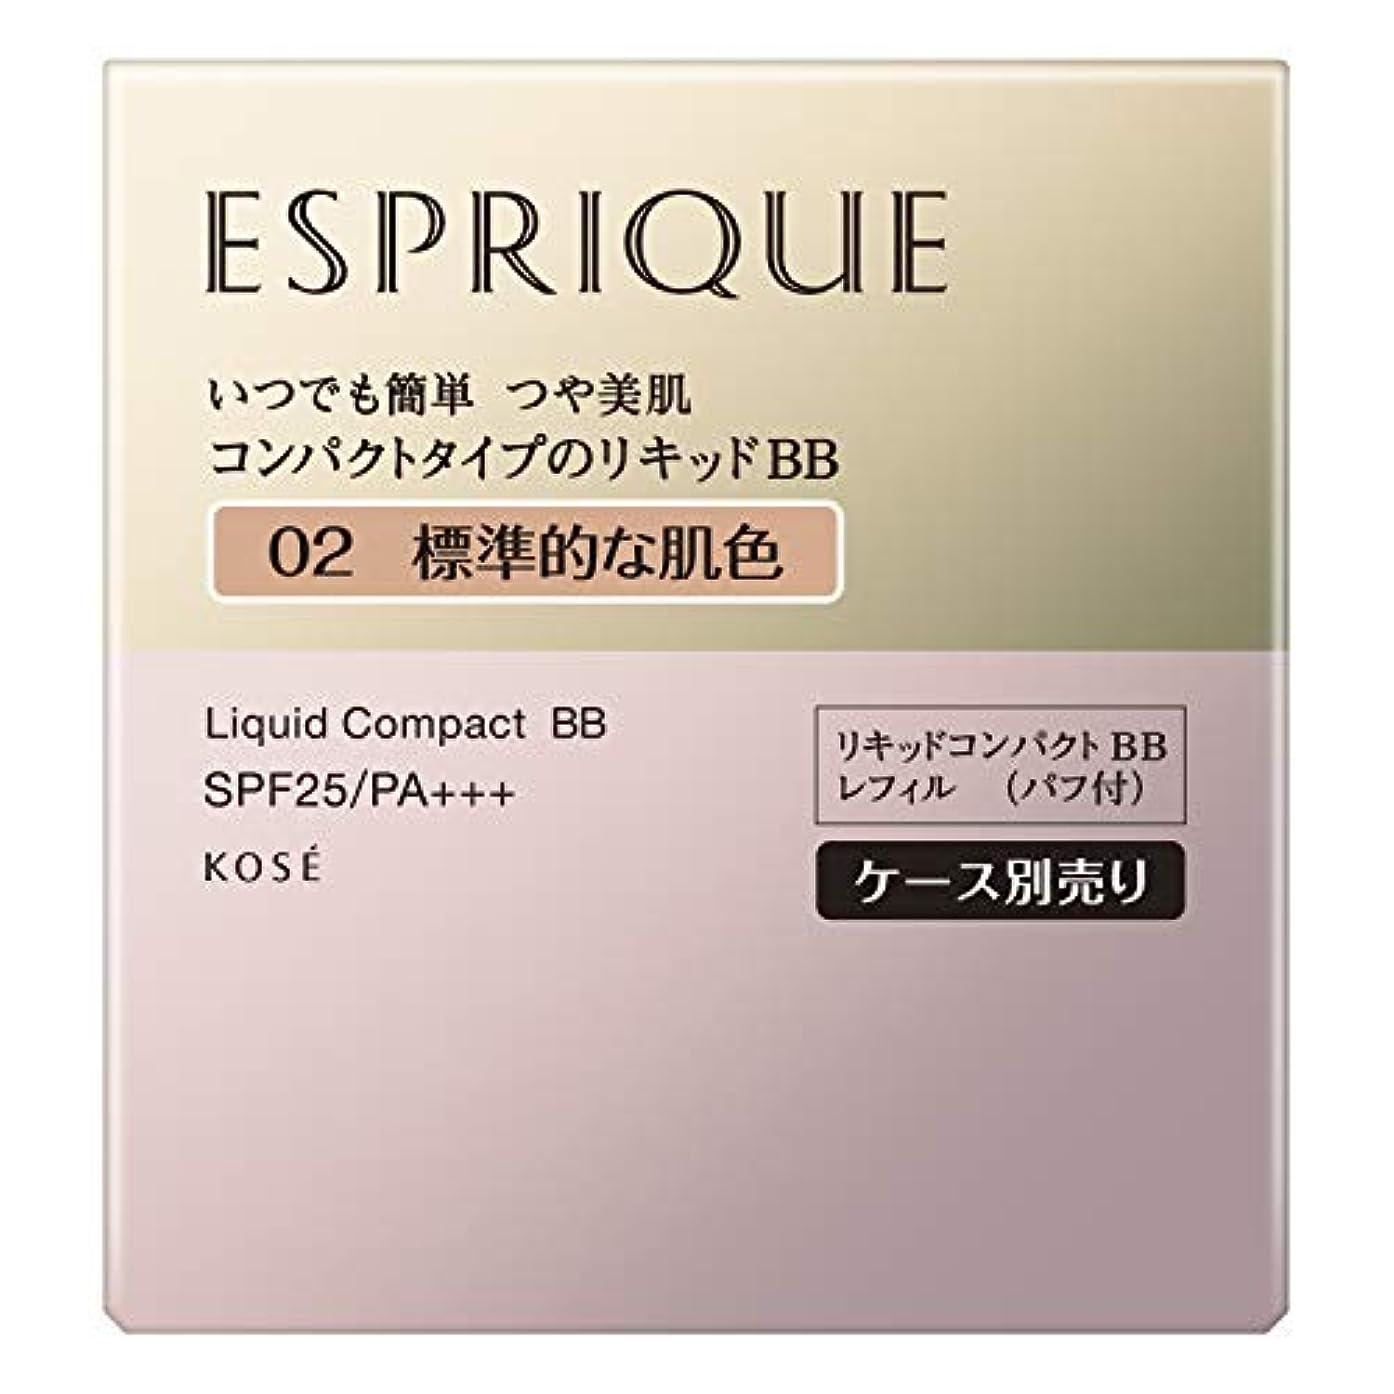 主に供給悲惨なエスプリーク リキッド コンパクト BB 02 標準的な肌色 13g